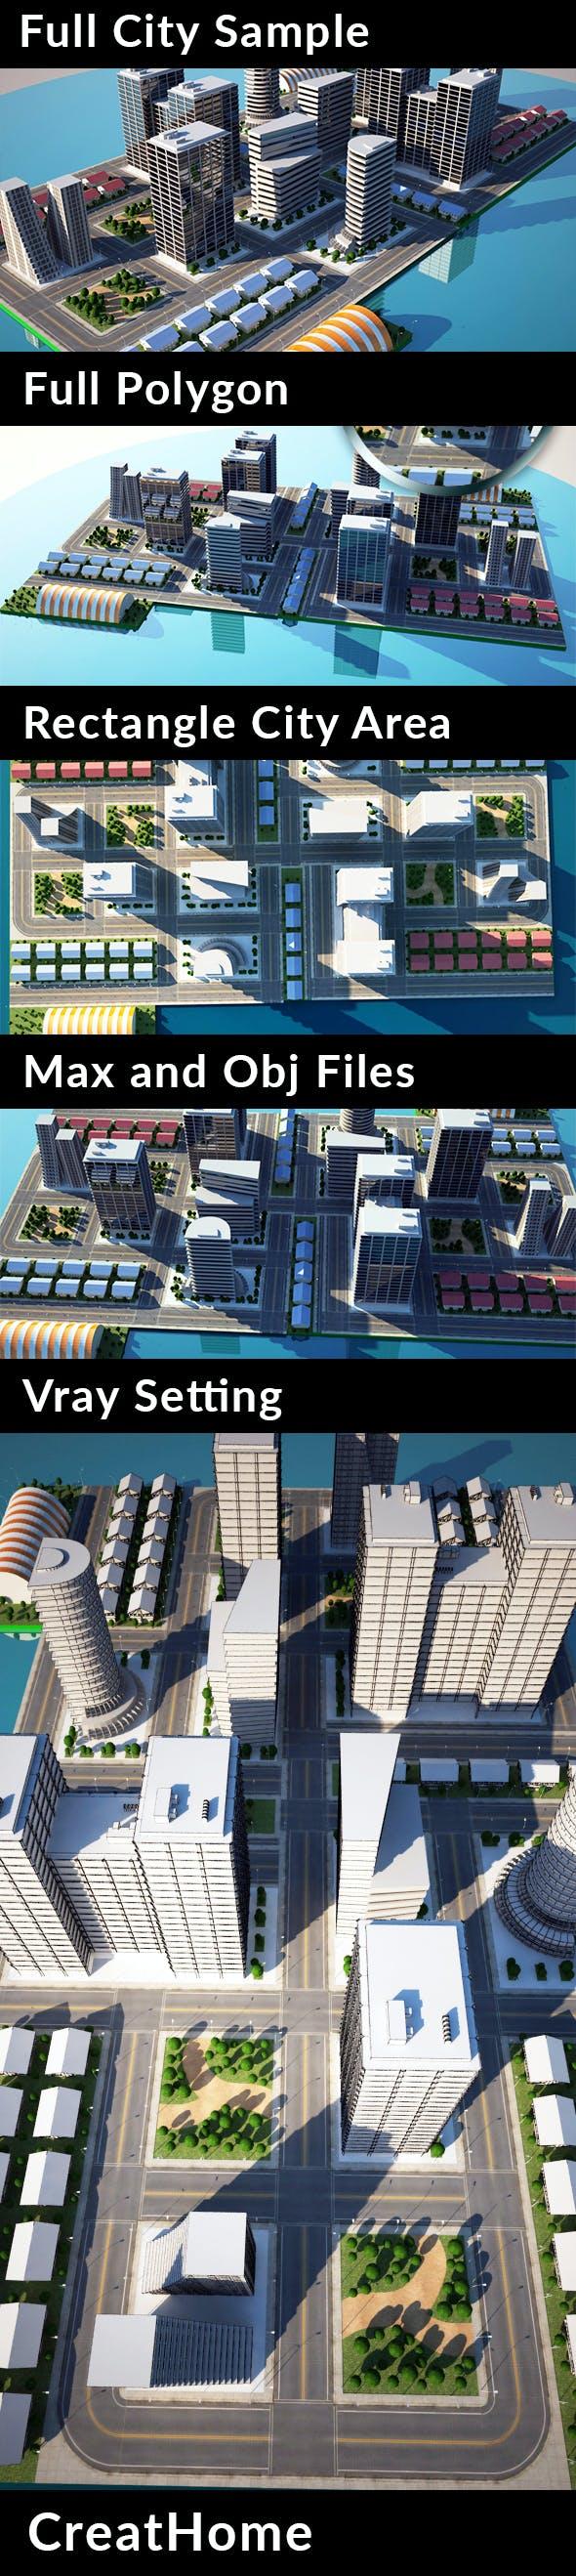 Full City Sample - City Models - 3DOcean Item for Sale